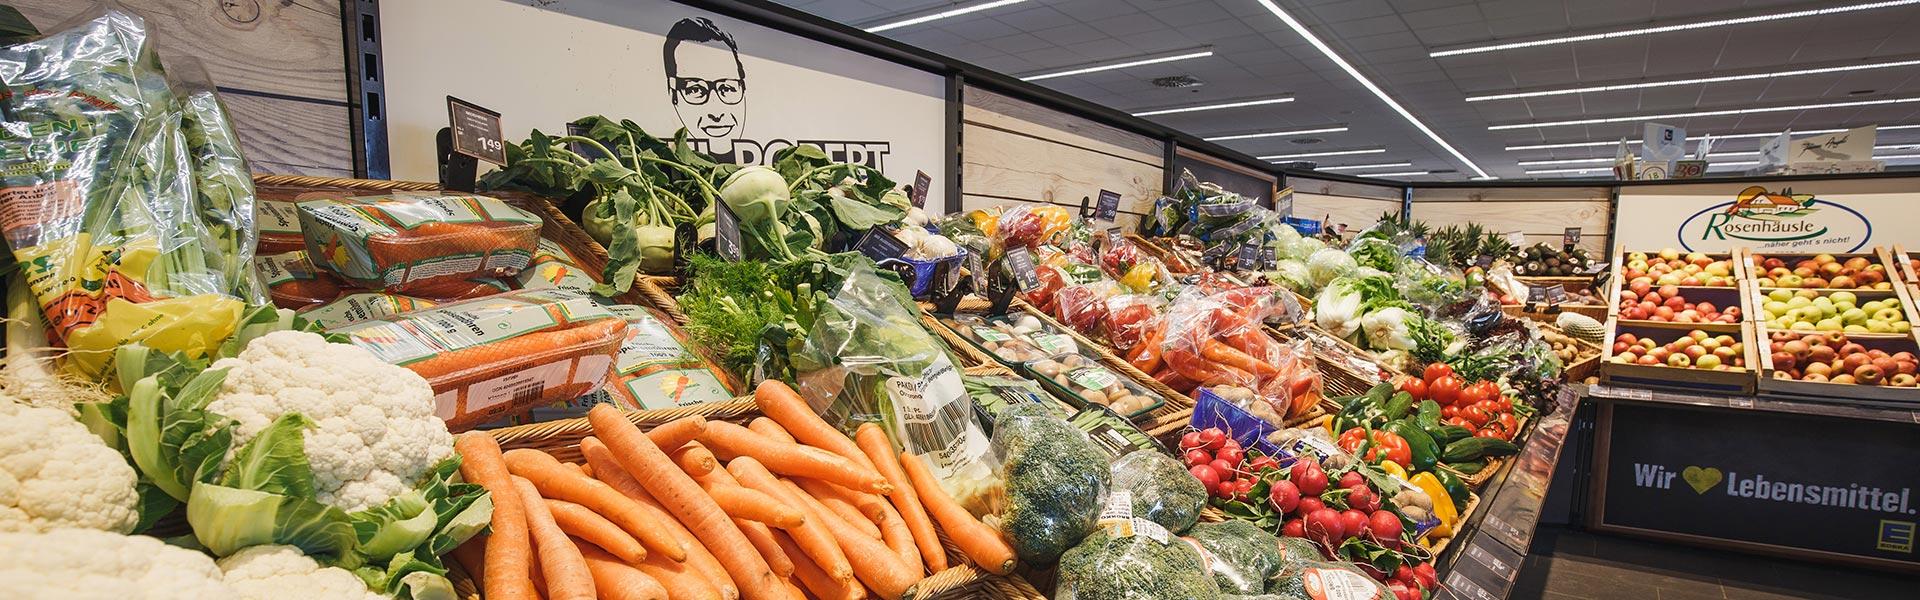 Frisches Obst und Gemüse im EDEKA